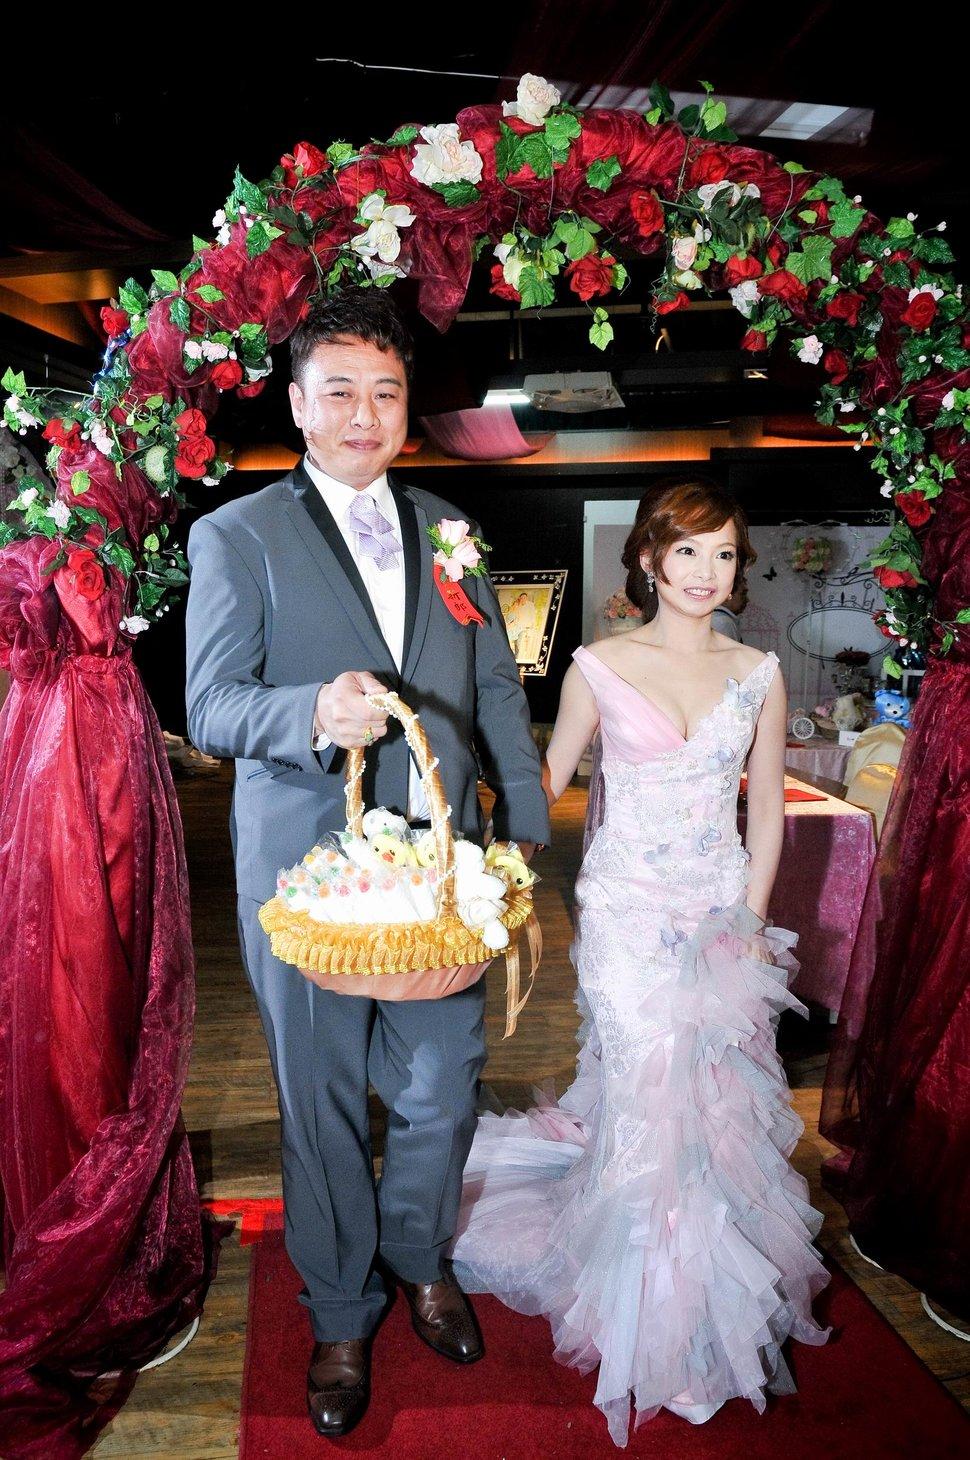 龍和餐廳結婚迎娶儀式晚宴婚禮記錄動態微電影錄影專業錄影平面攝影婚攝婚禮主持人(編號:272571) - 蜜月拍照10800錄影12800攝影團隊 - 結婚吧